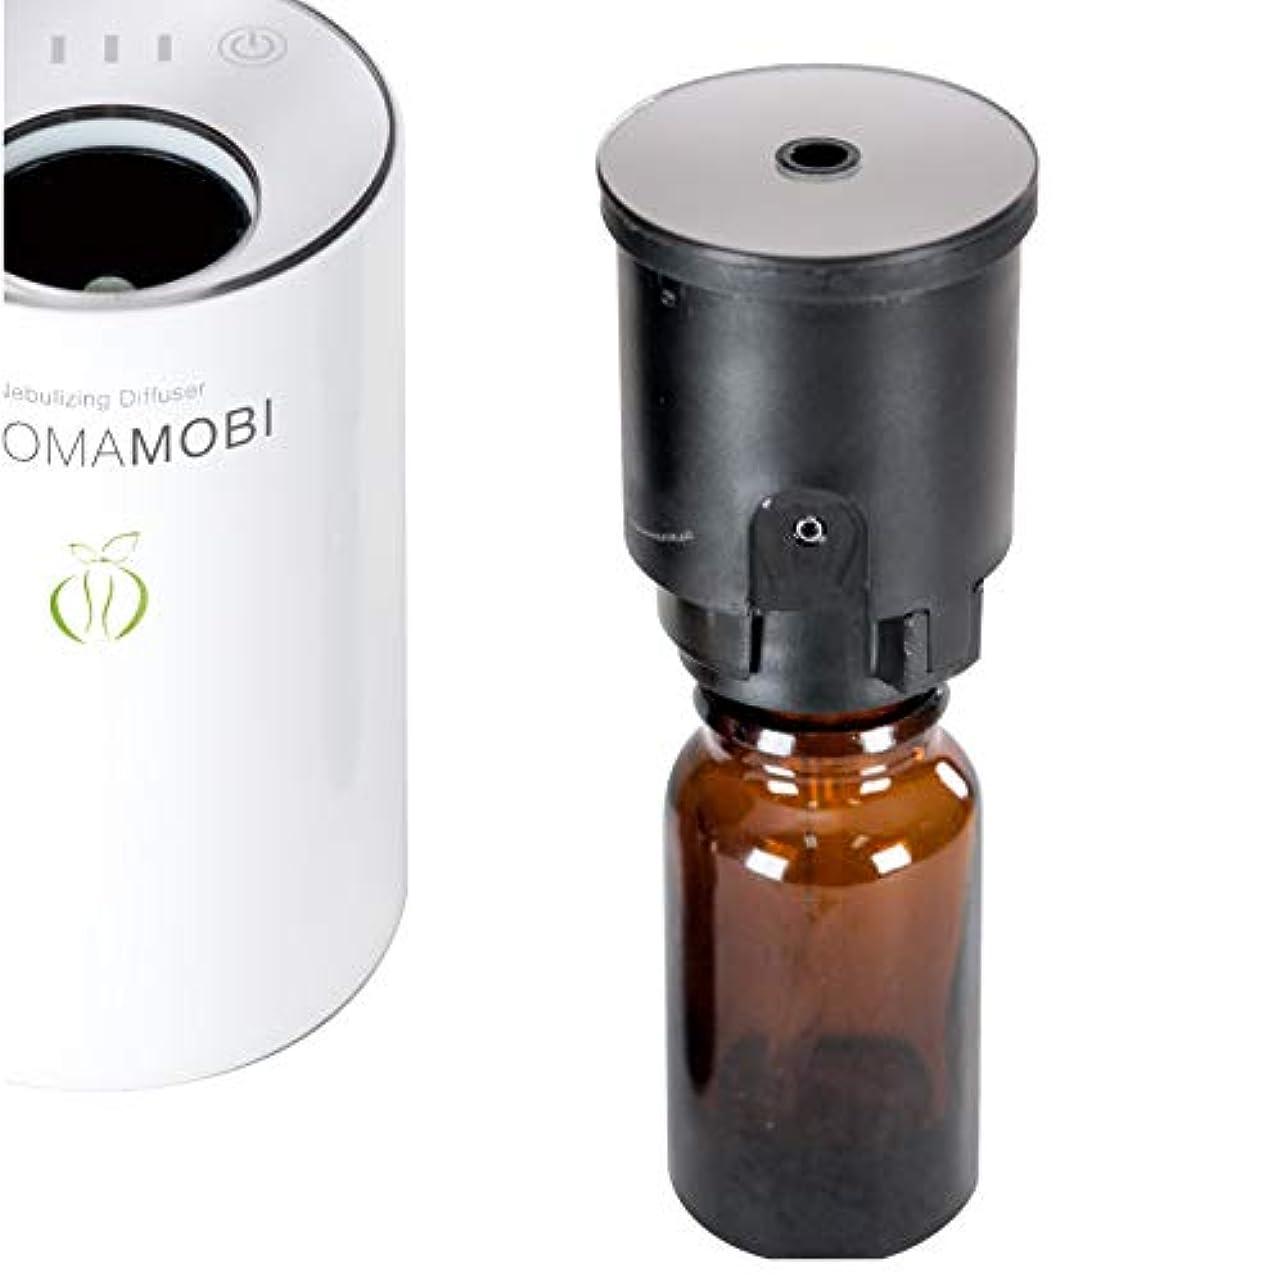 電気技師実行可能同種のfunks アロマモビ 専用 交換用 ノズル ボトルセット aromamobi アロマディフューザー